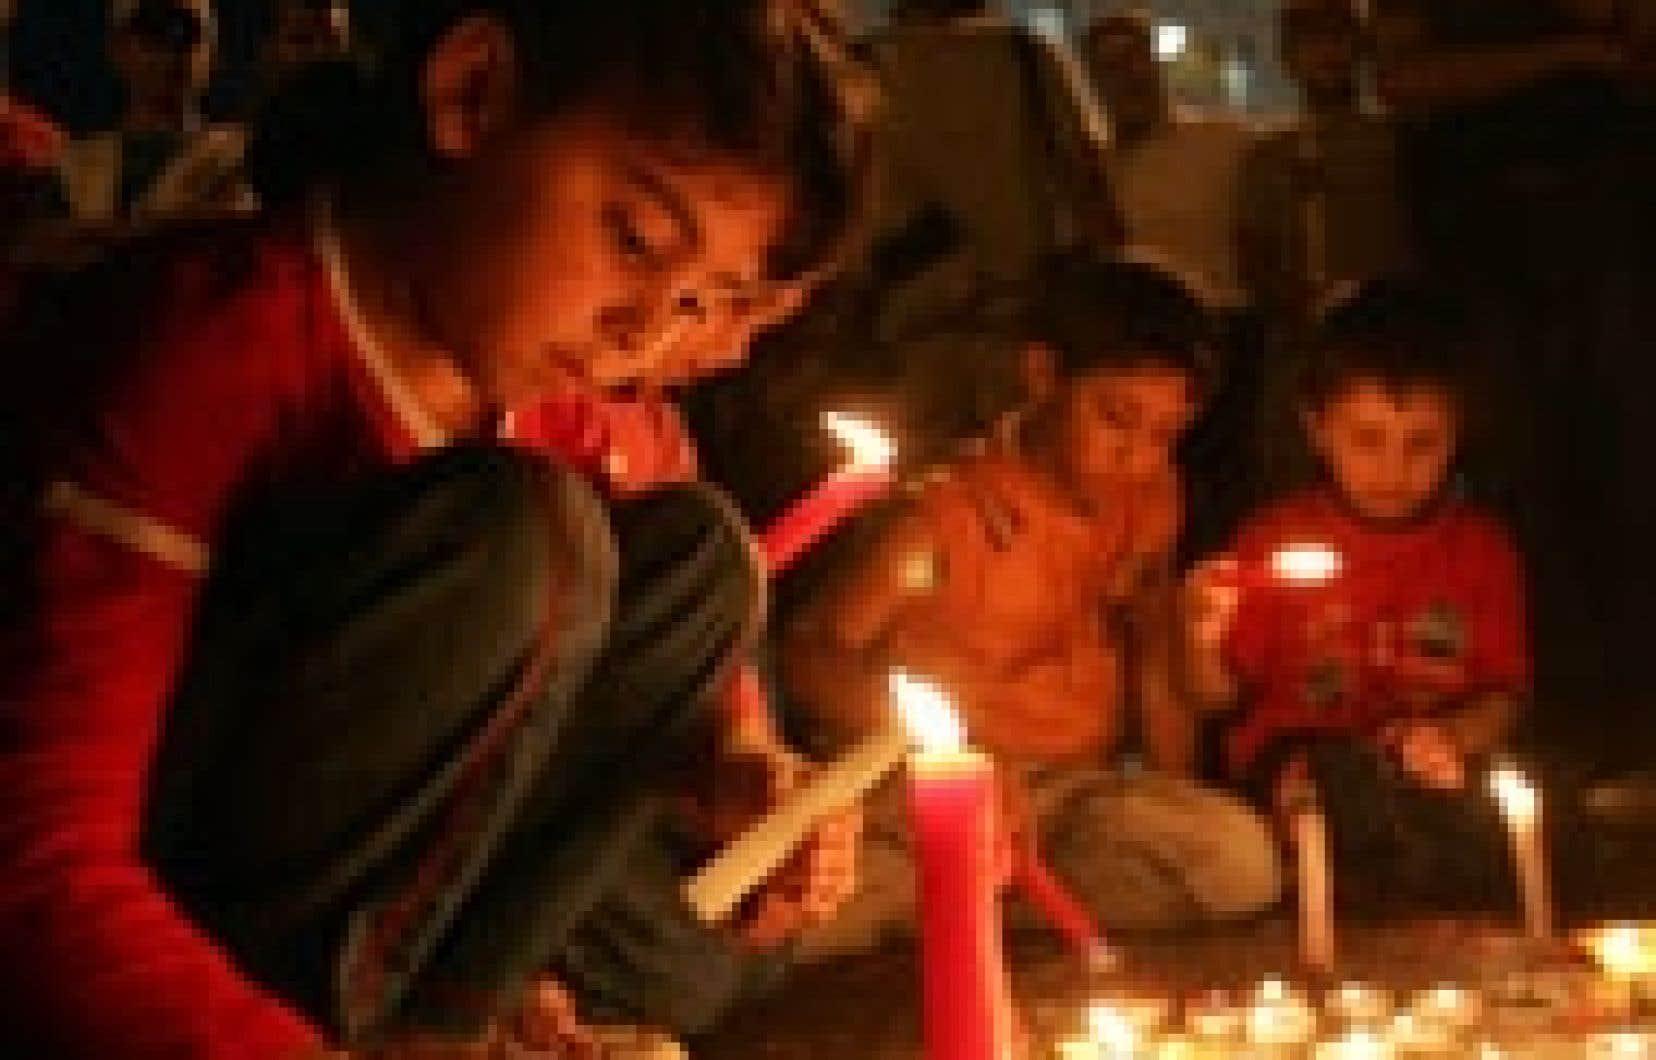 Des enfants palestiniens de Ramallah ont pris part hier à une campagne de collecte de chandelles afin d'éclairer symboliquement Gaza, où des centrales électriques ont été détruites.